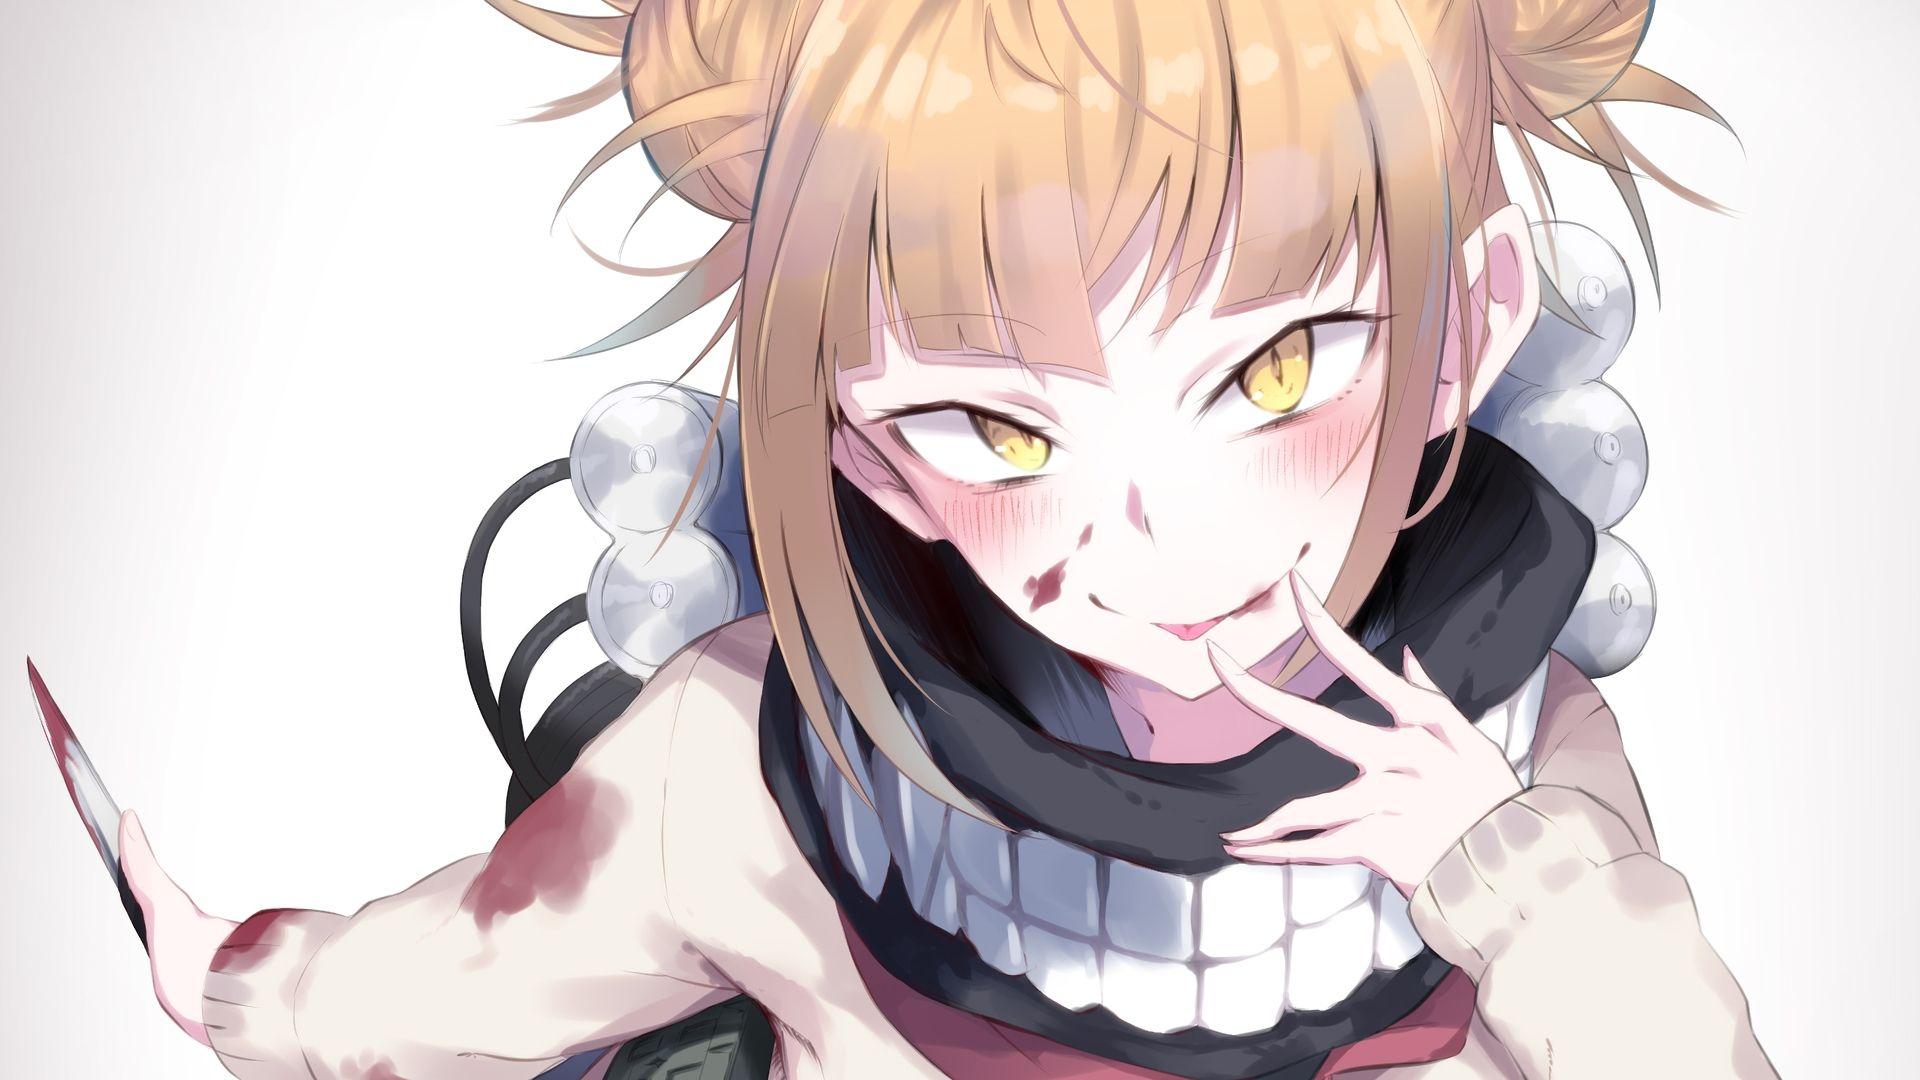 himiko toga wallpaper anime